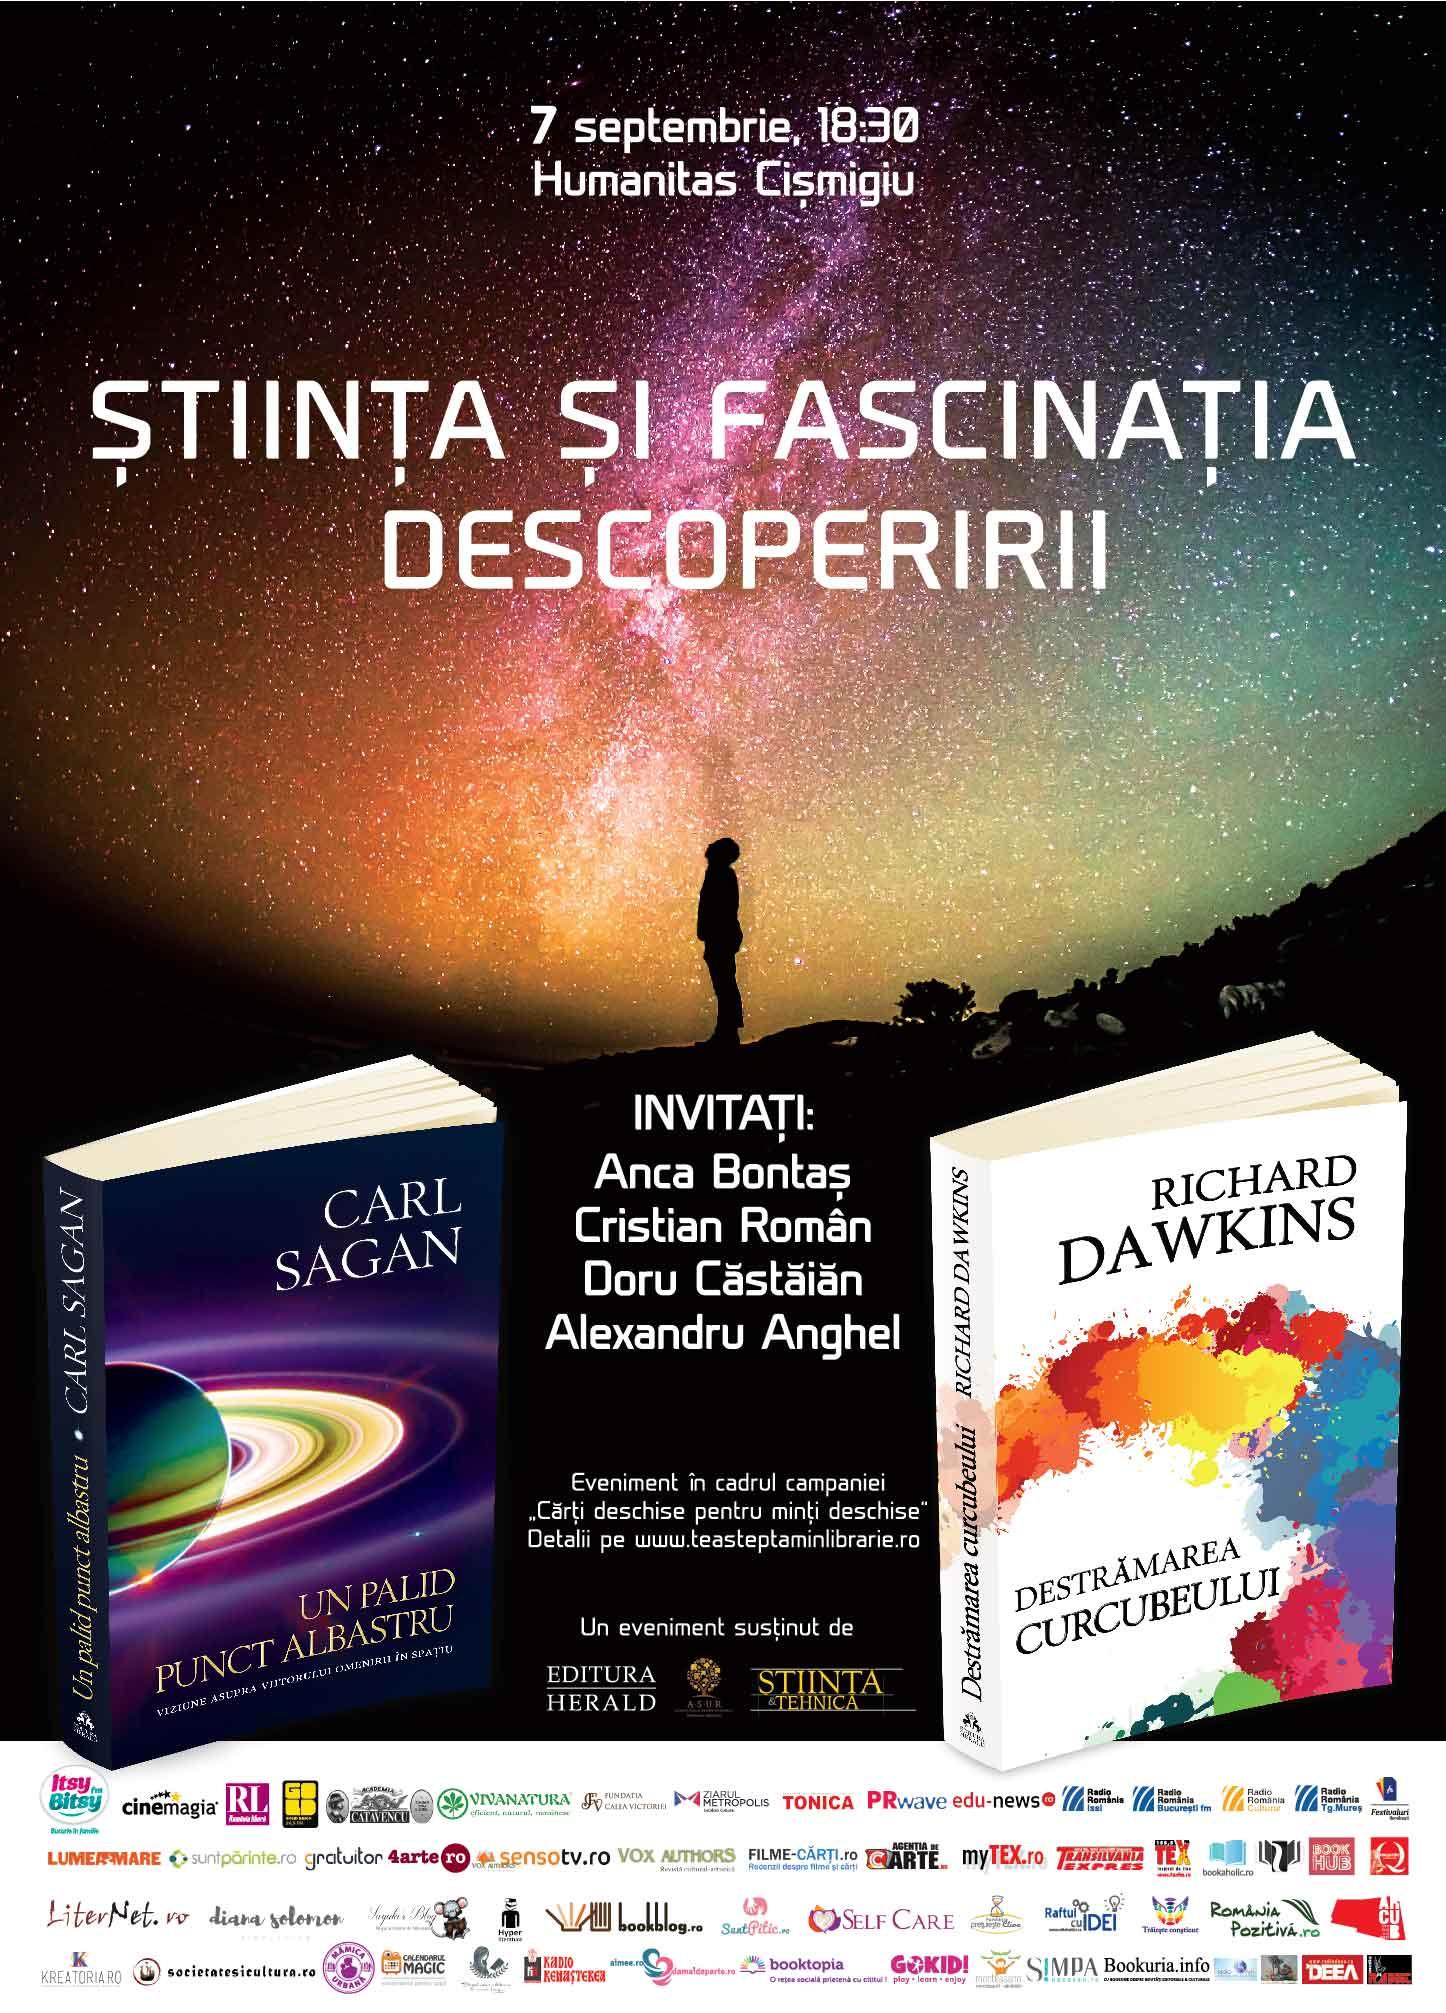 """Știința și fascinația descoperirii – Eveniment în cadrul campaniei """"Te așteptăm în librărie!"""""""